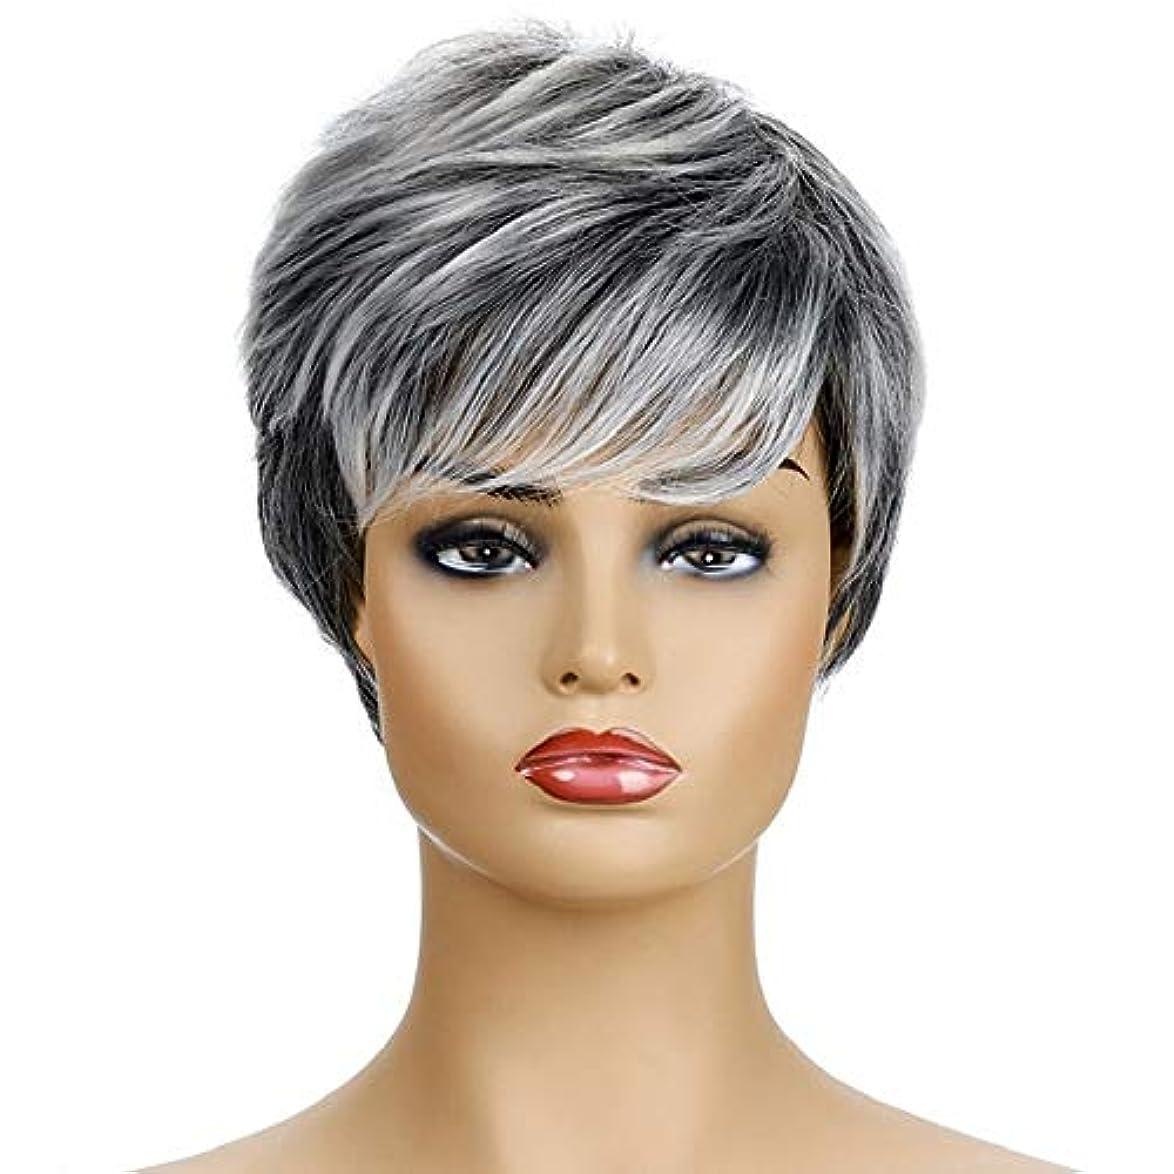 援助任命する灰女性の短い巻き毛のかつら10インチ自然髪かつら前髪合成完全な髪のかつら女性と女の子ハロウィンコスプレパーティーかつら、混合色